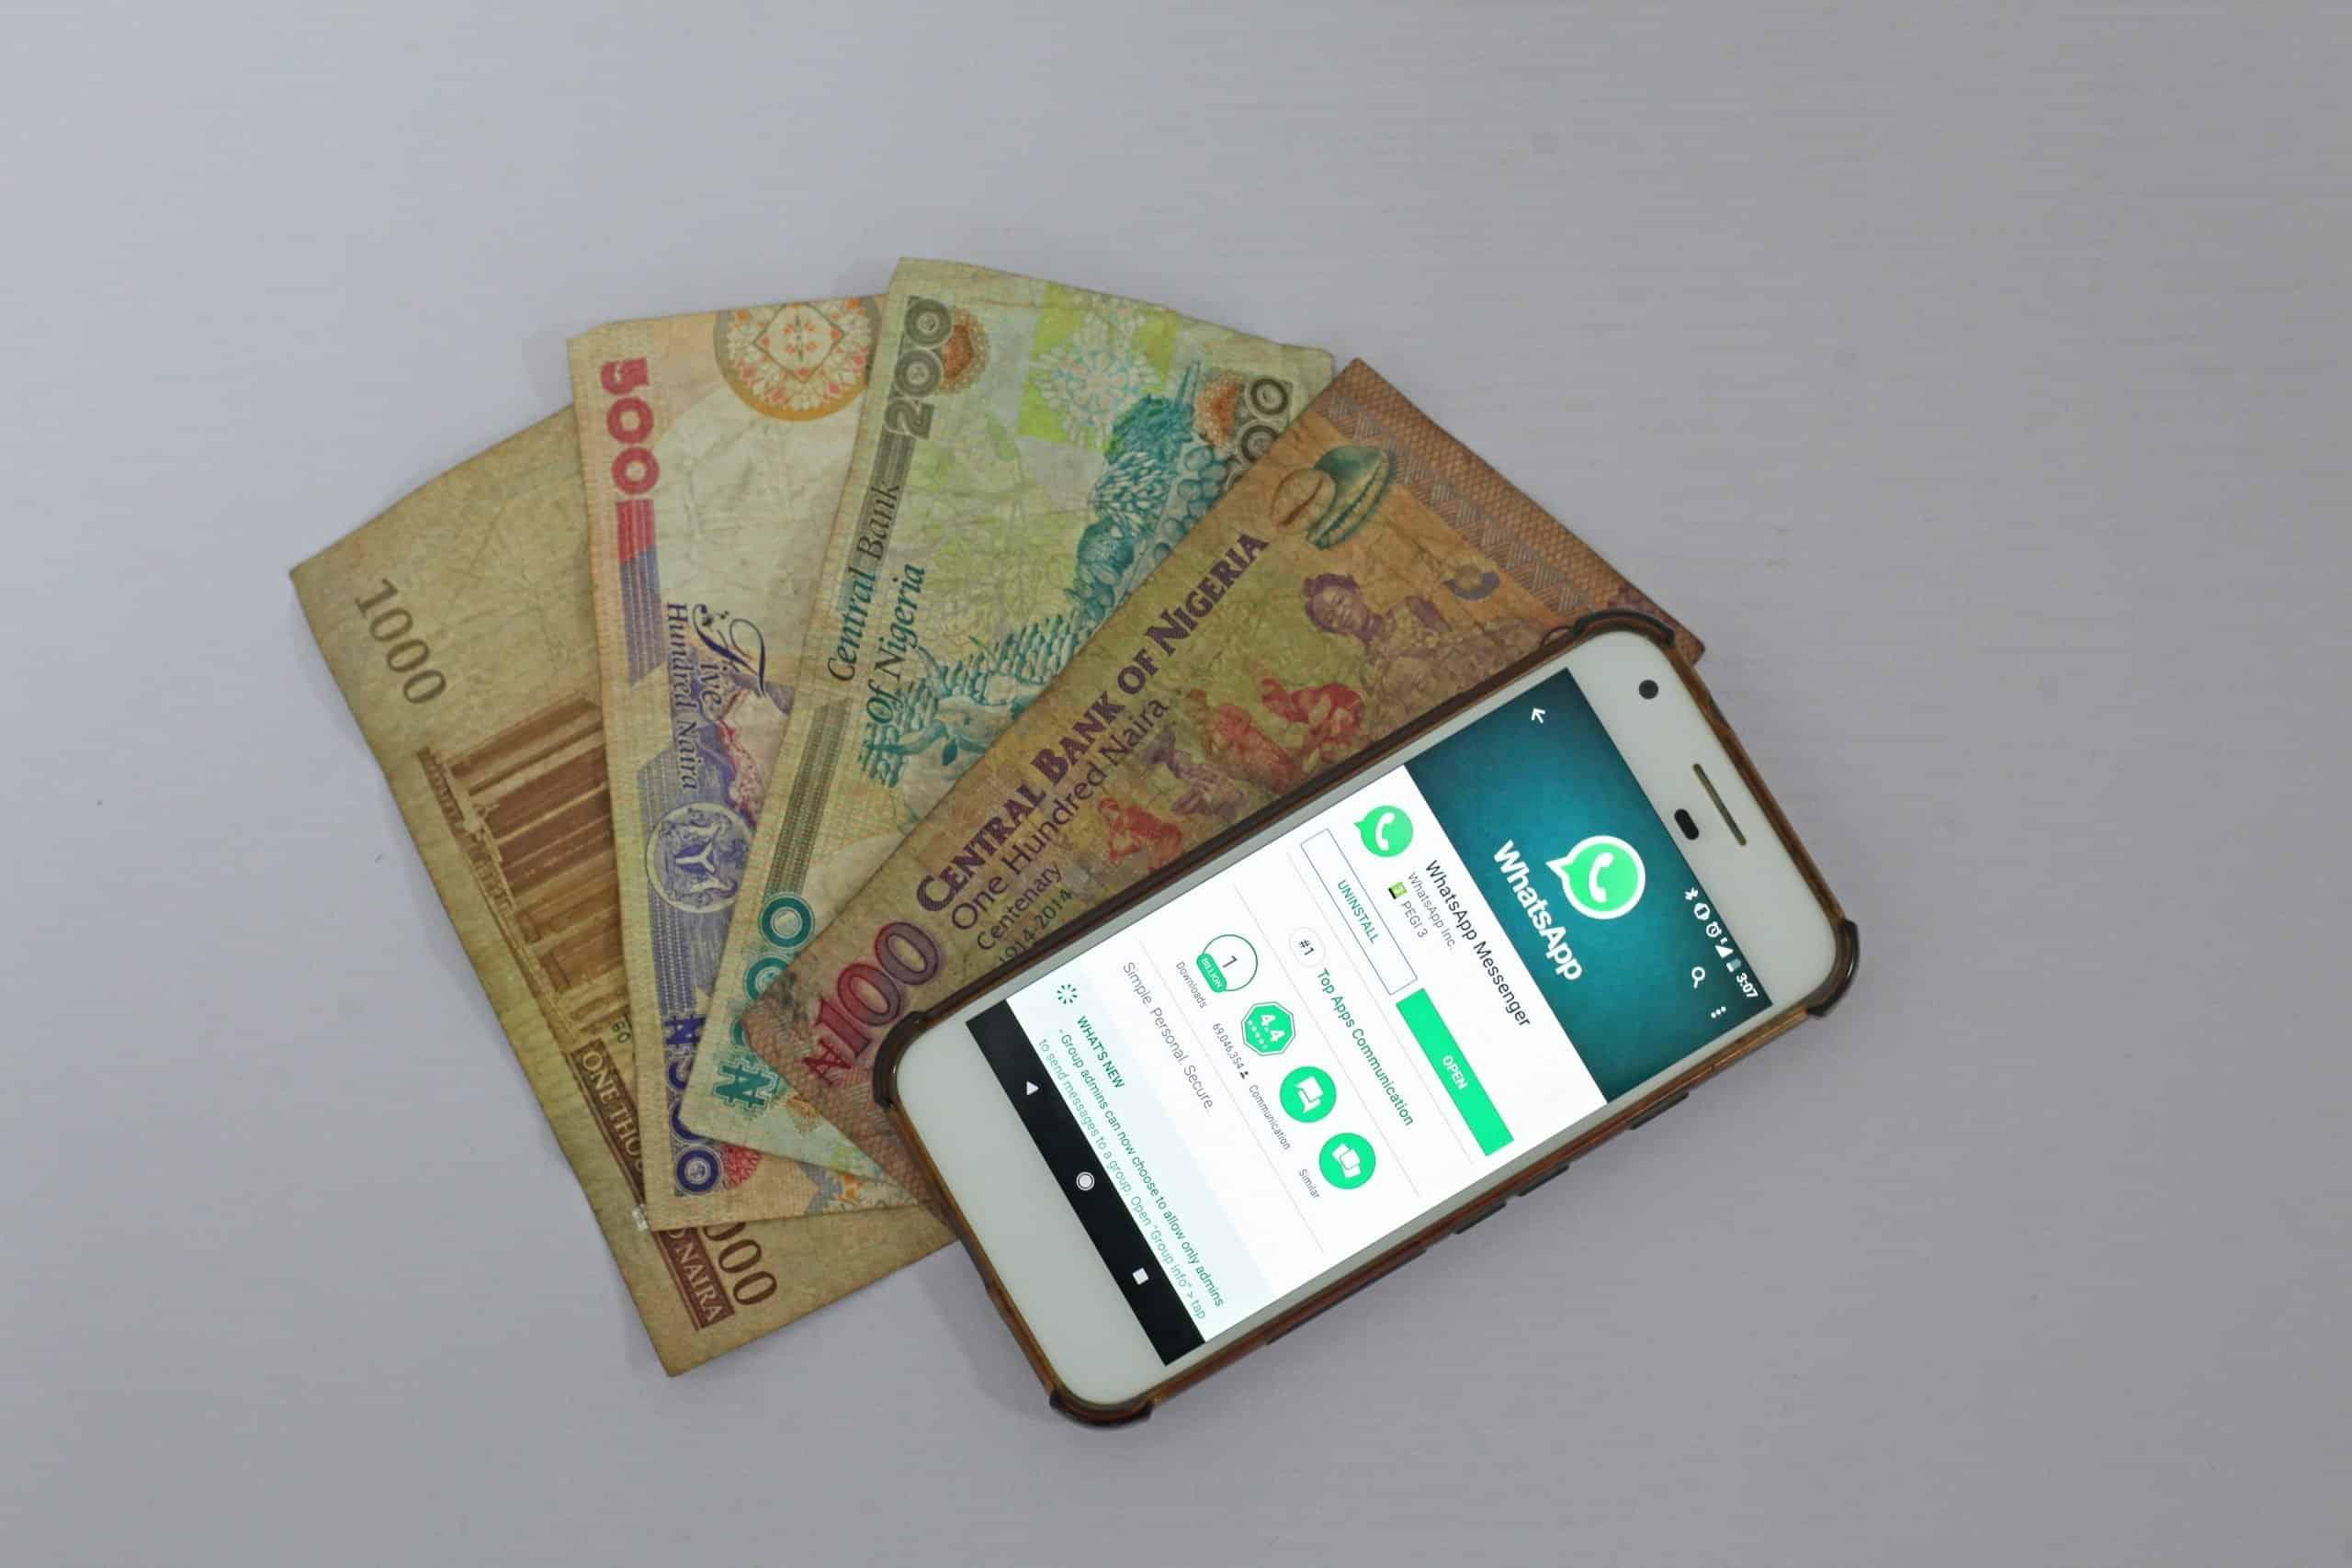 hogyan lehet pénzt linkeken keresztül keresni)